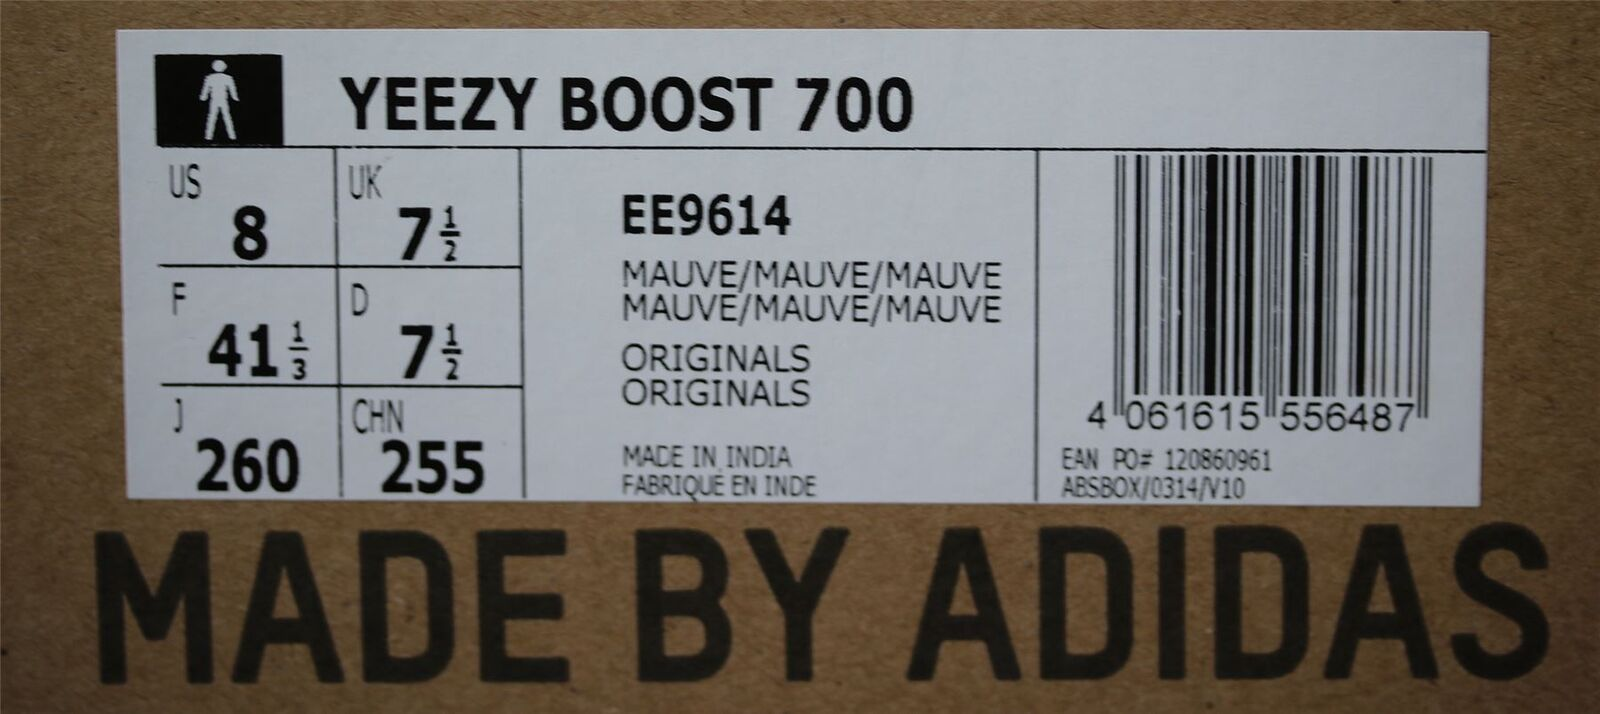 ADIDAS Yeezy Boost 700 Wave Runner Runner Runner Scarpe Da Ginnastica EU 41.5 US 8 2de275